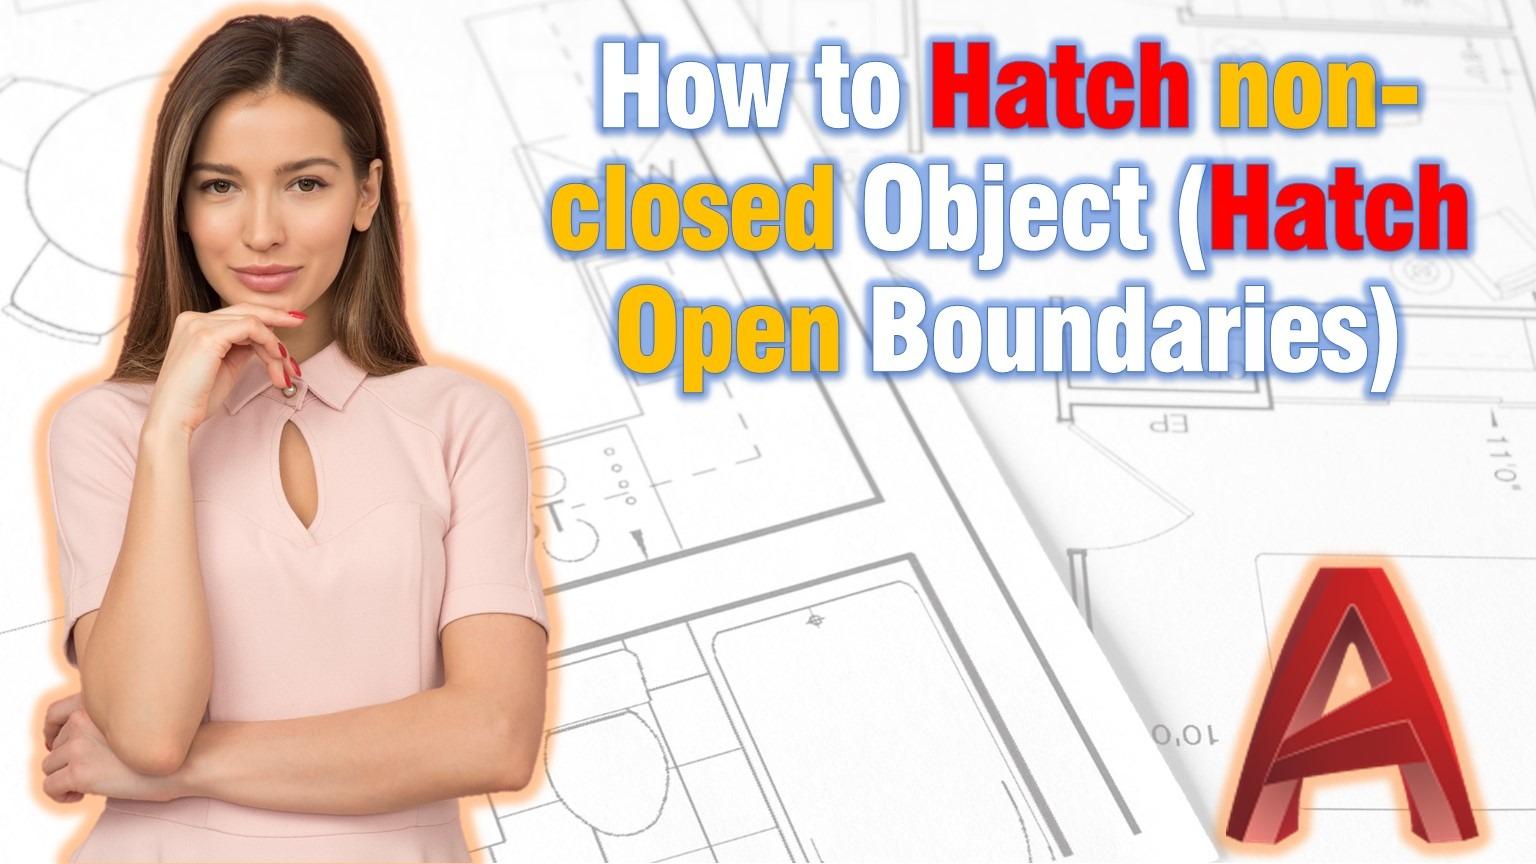 Hatchopen boundaries